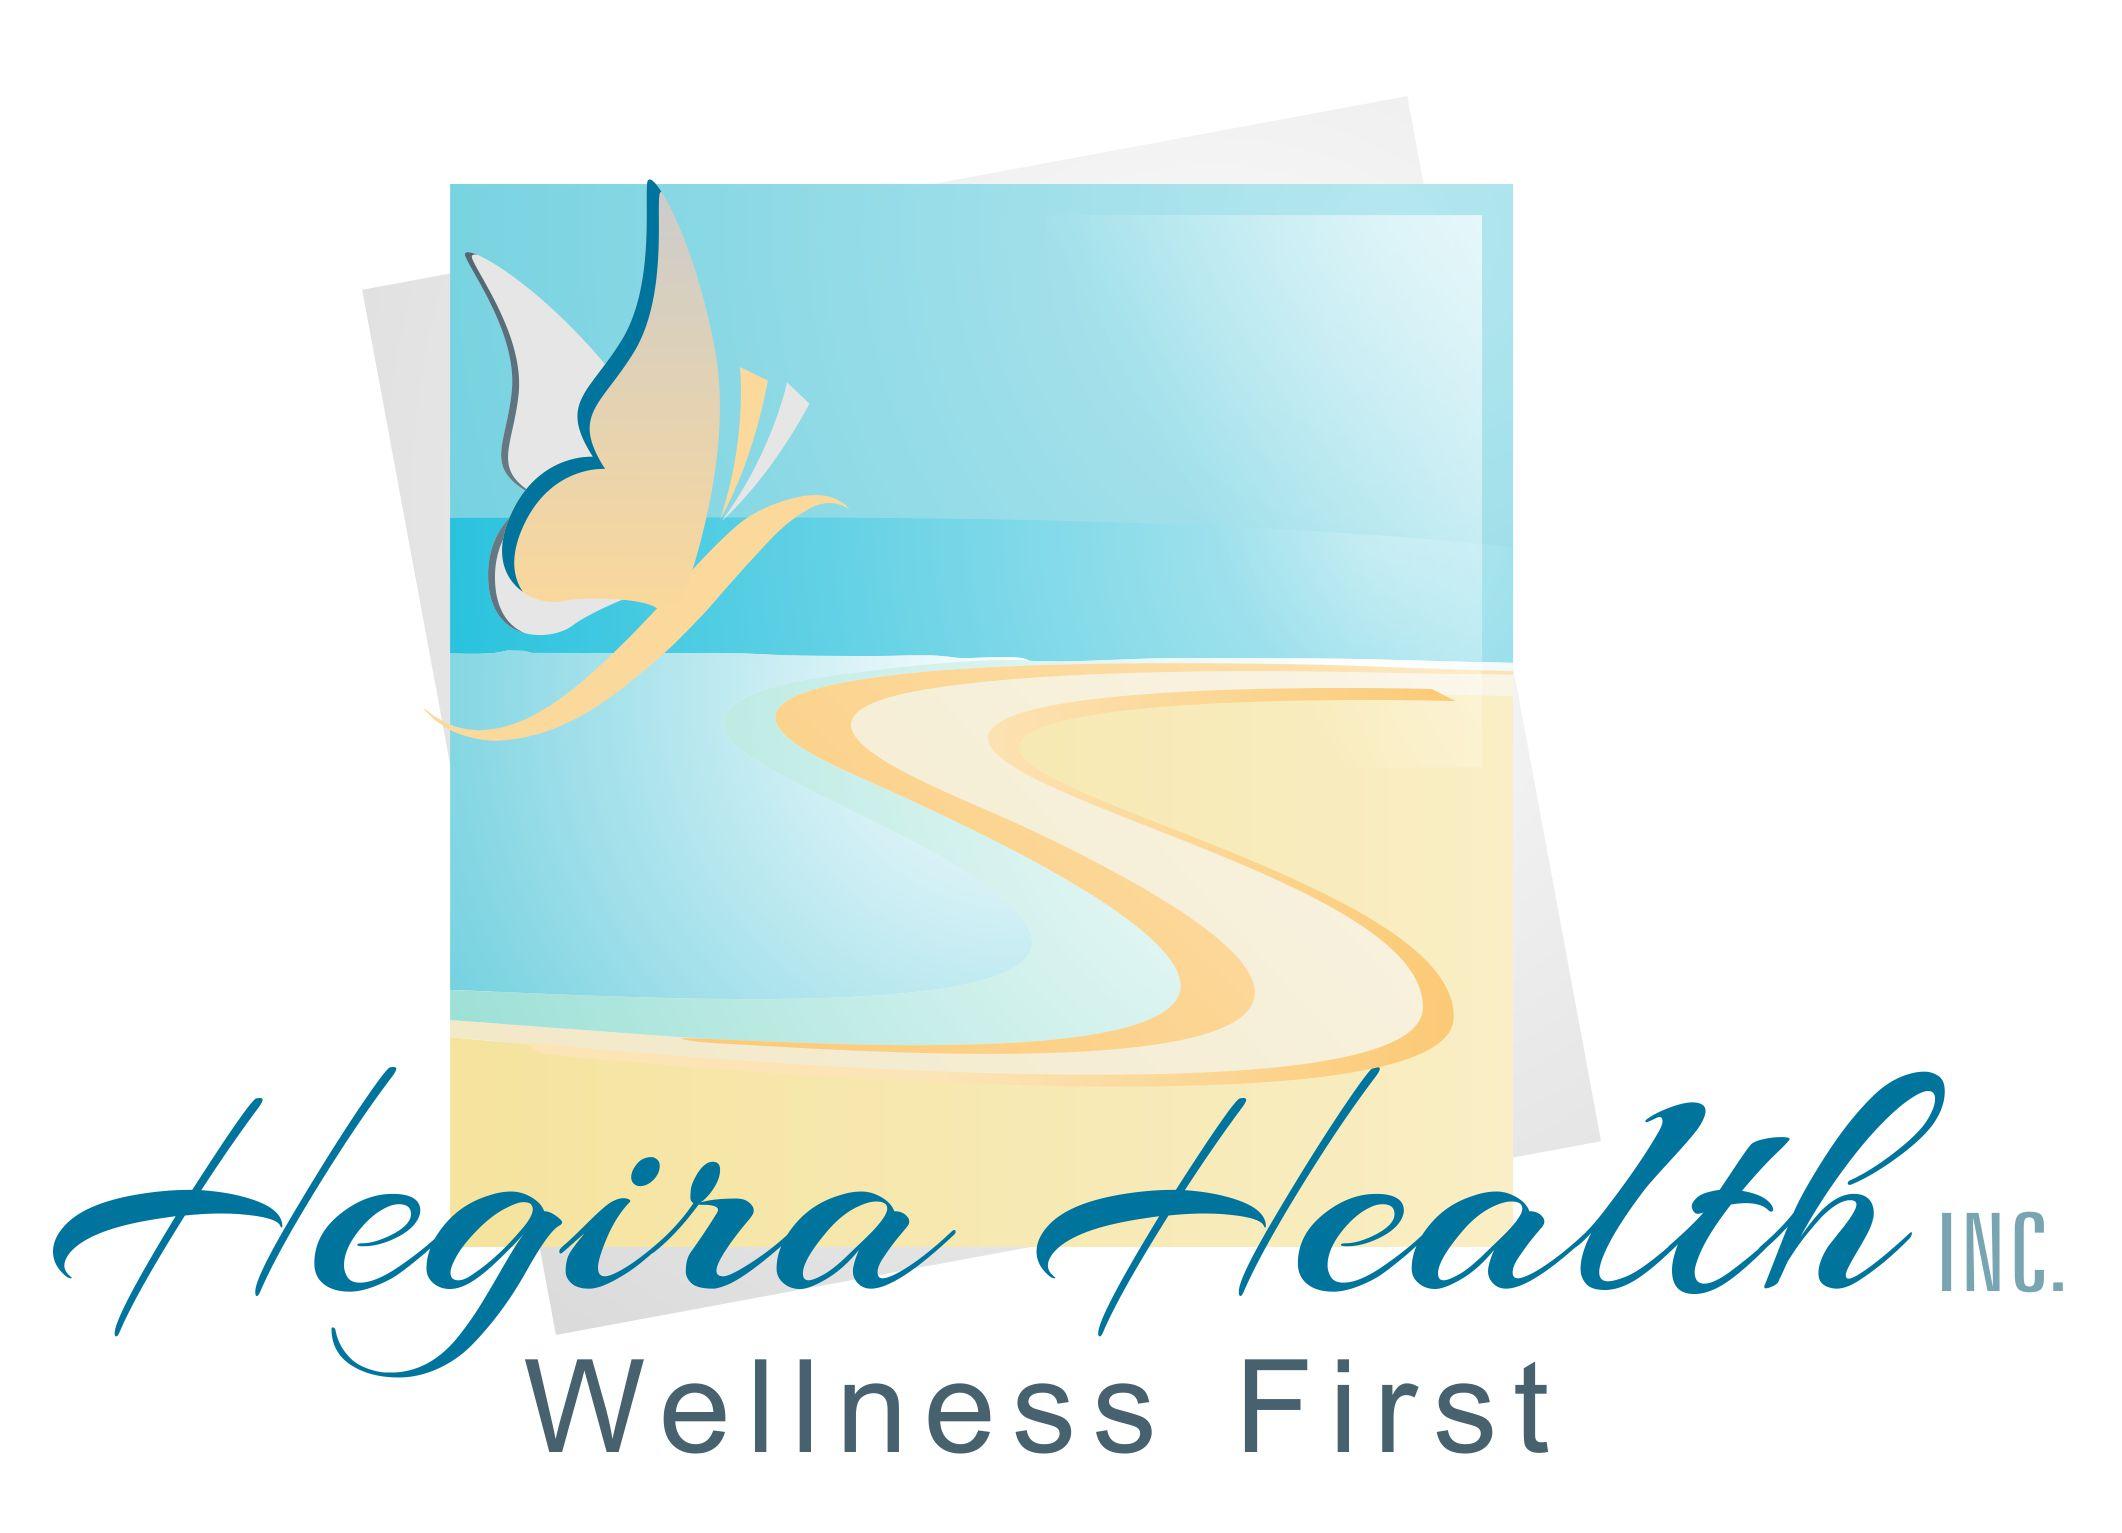 Hegira Health